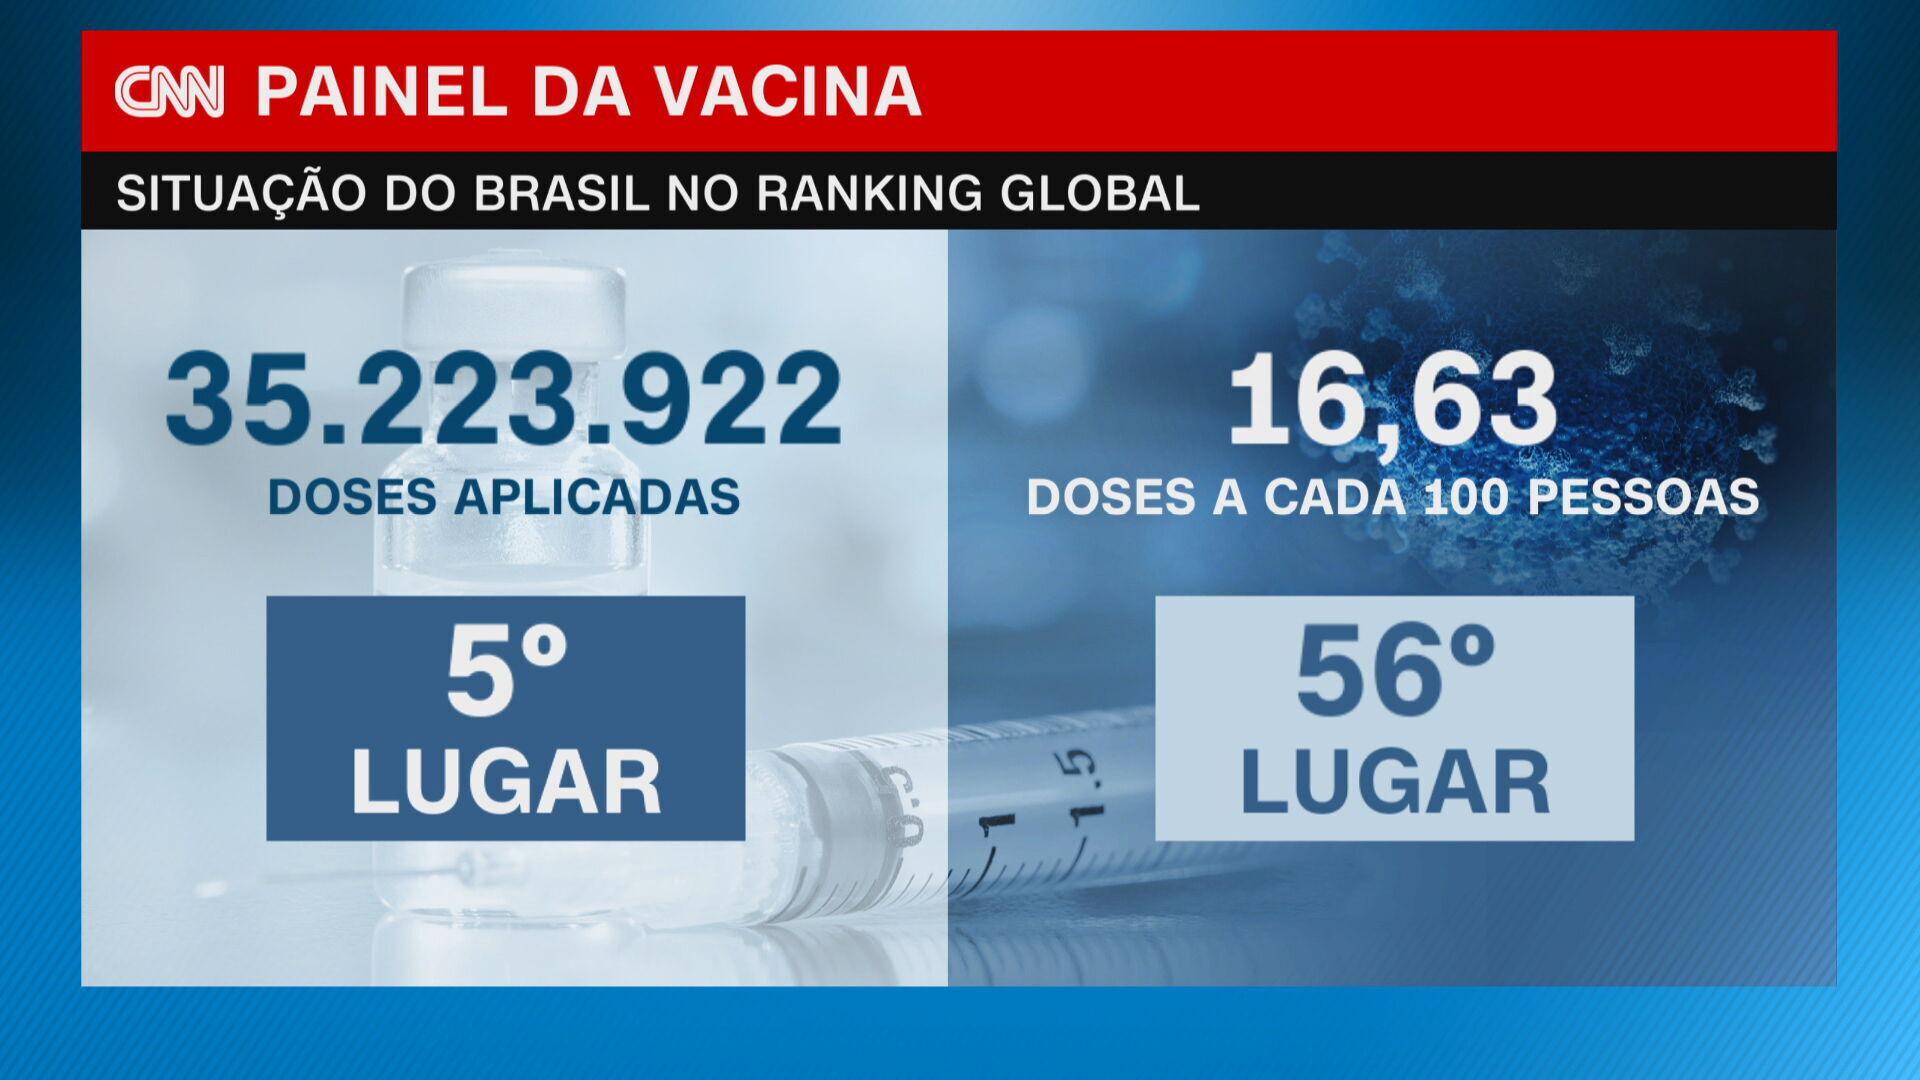 O Brasil já aplicou mais de 35 milhões de doses da vacina contra a Covid-19